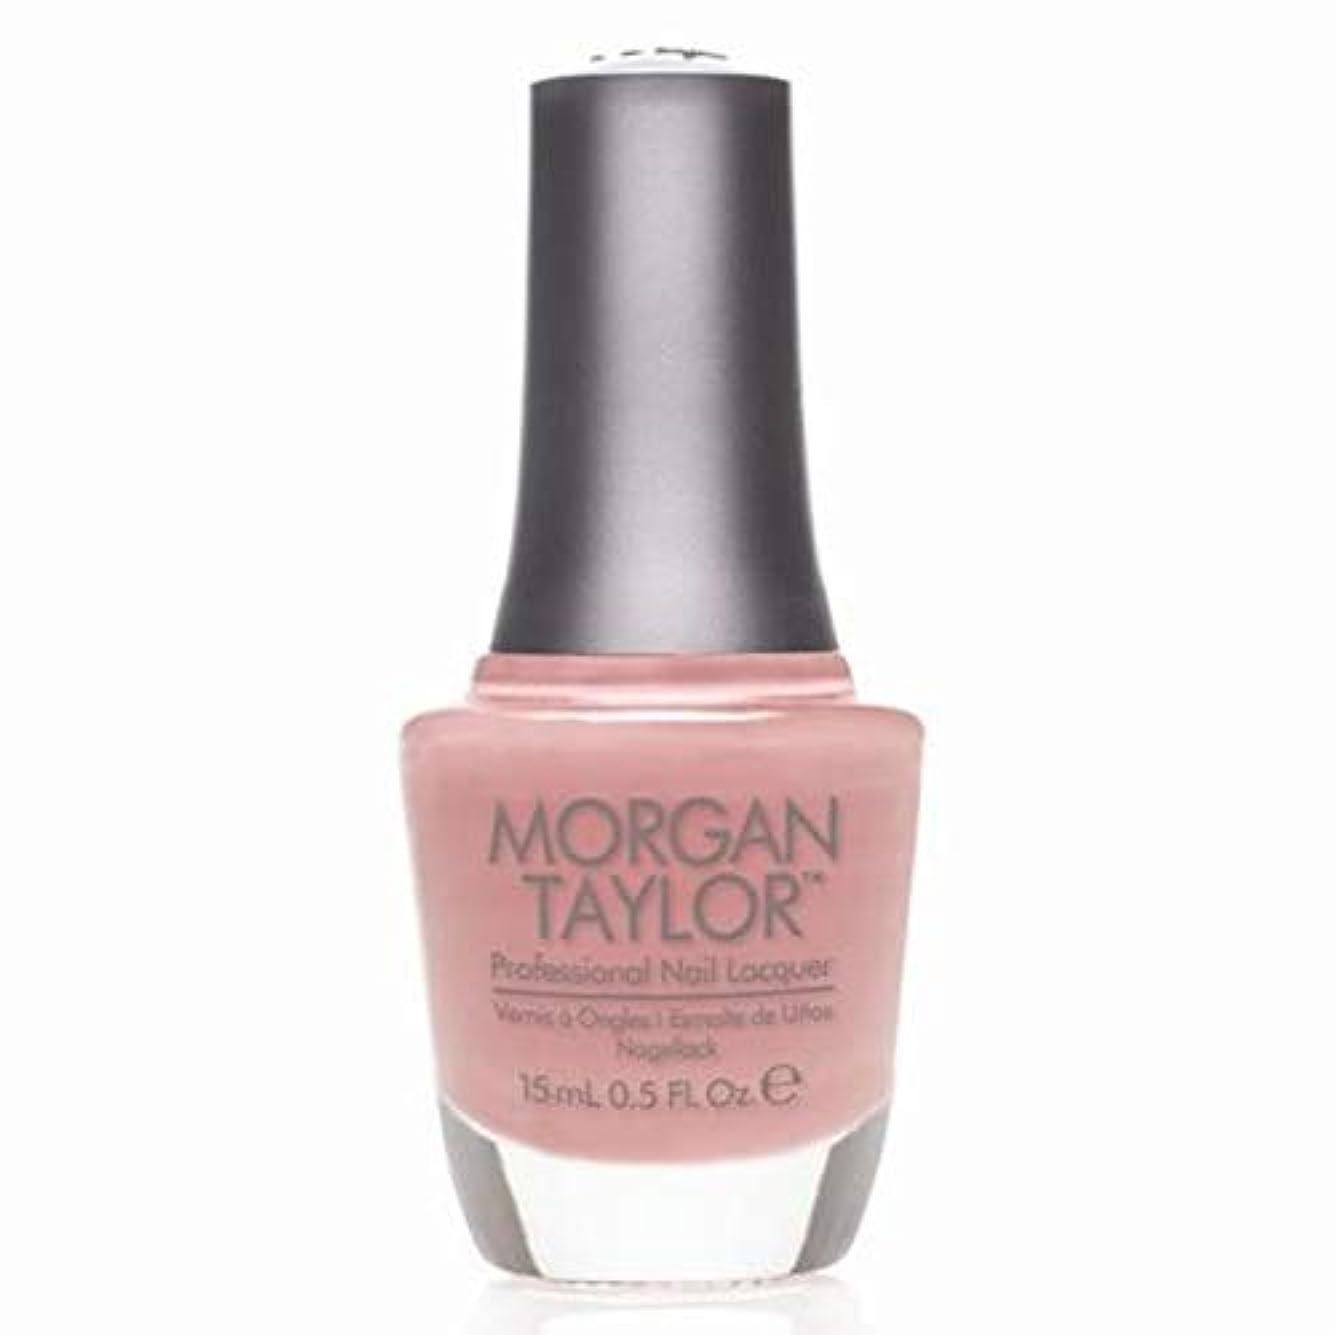 規制ワーム美人Morgan Taylor Nail Lacquer - Coming Up Roses - 15 ml/0.5 oz